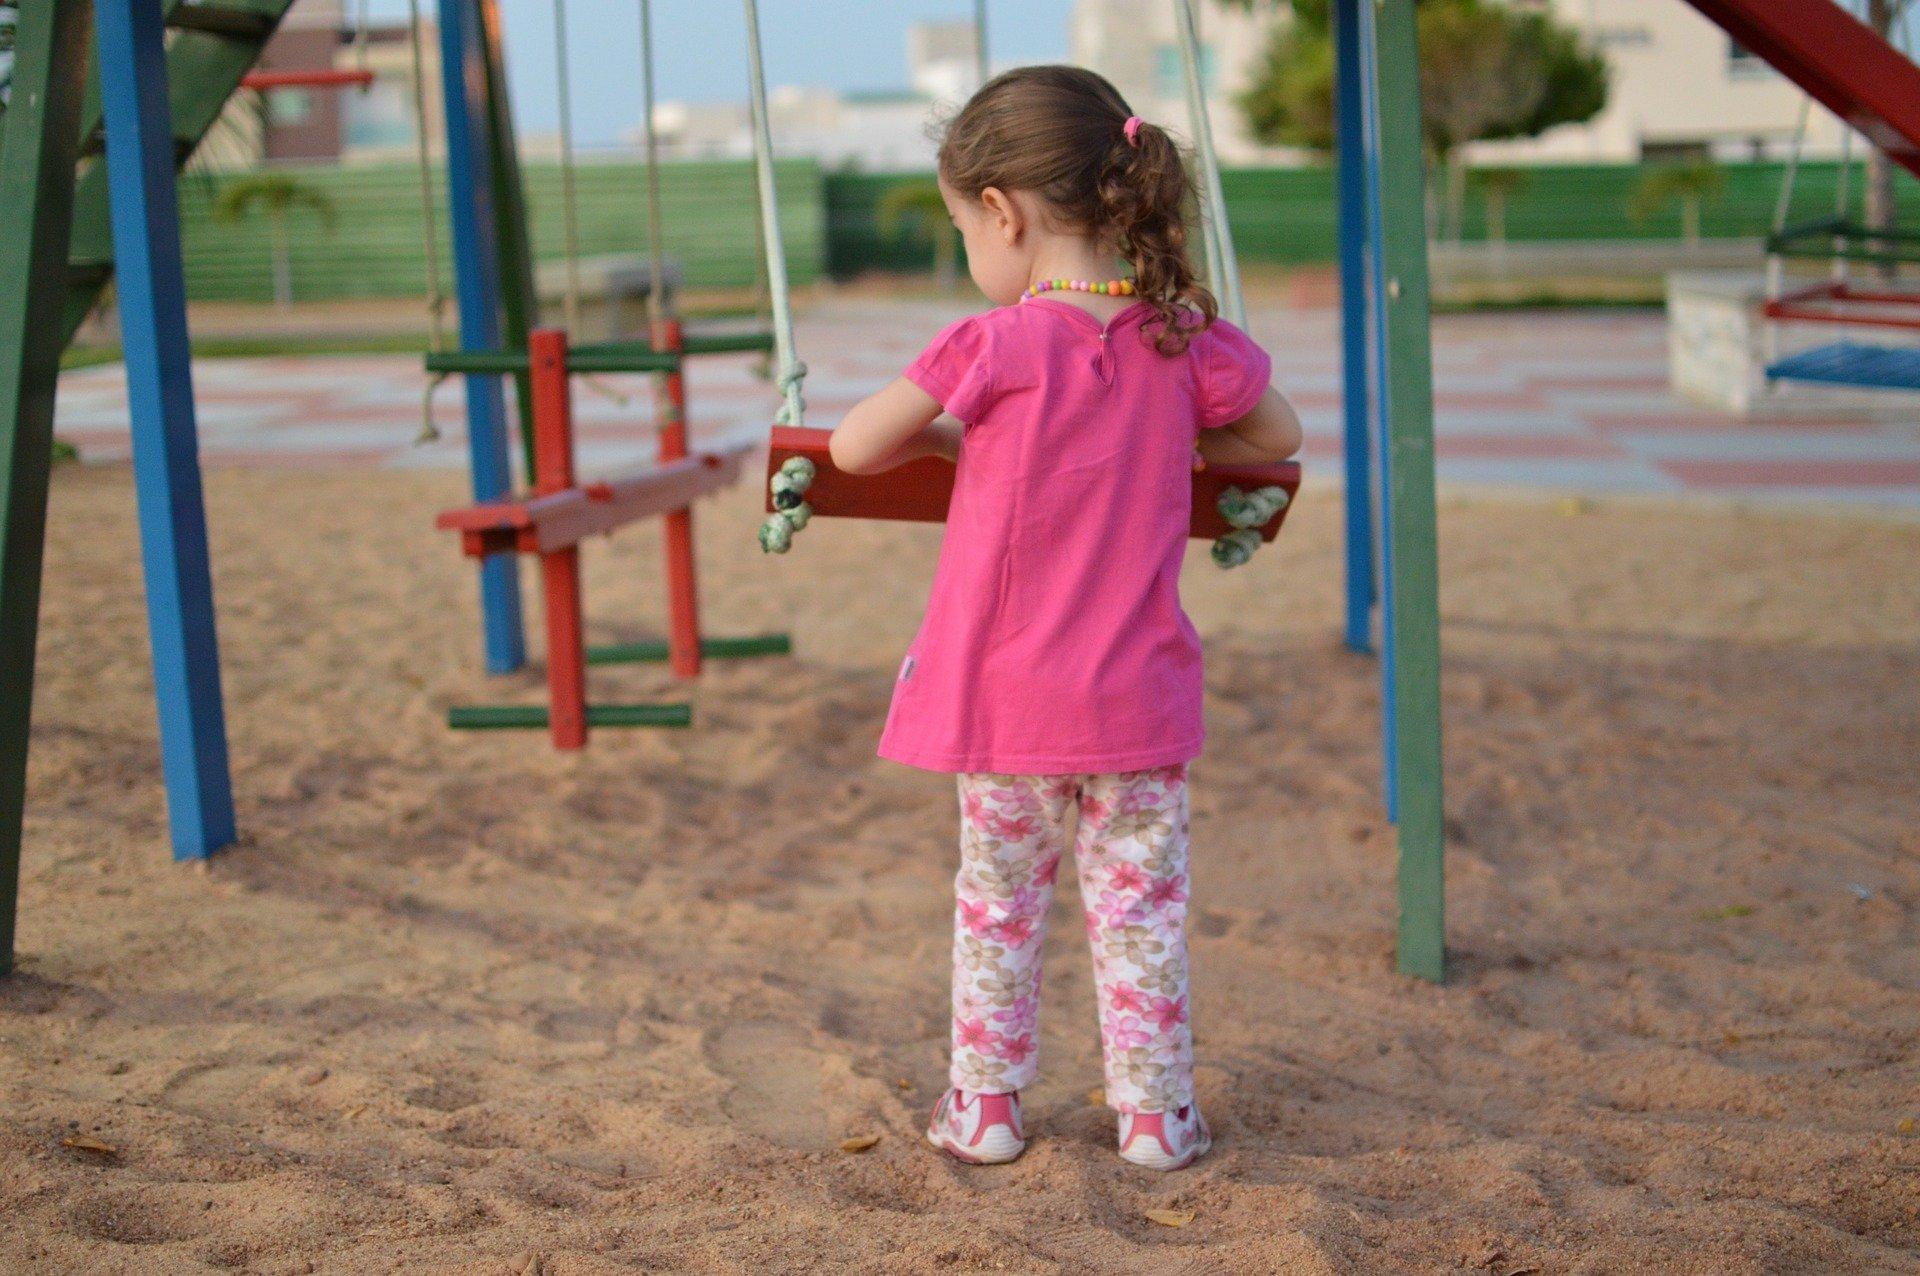 Rozwój dziecka na placu zabaw